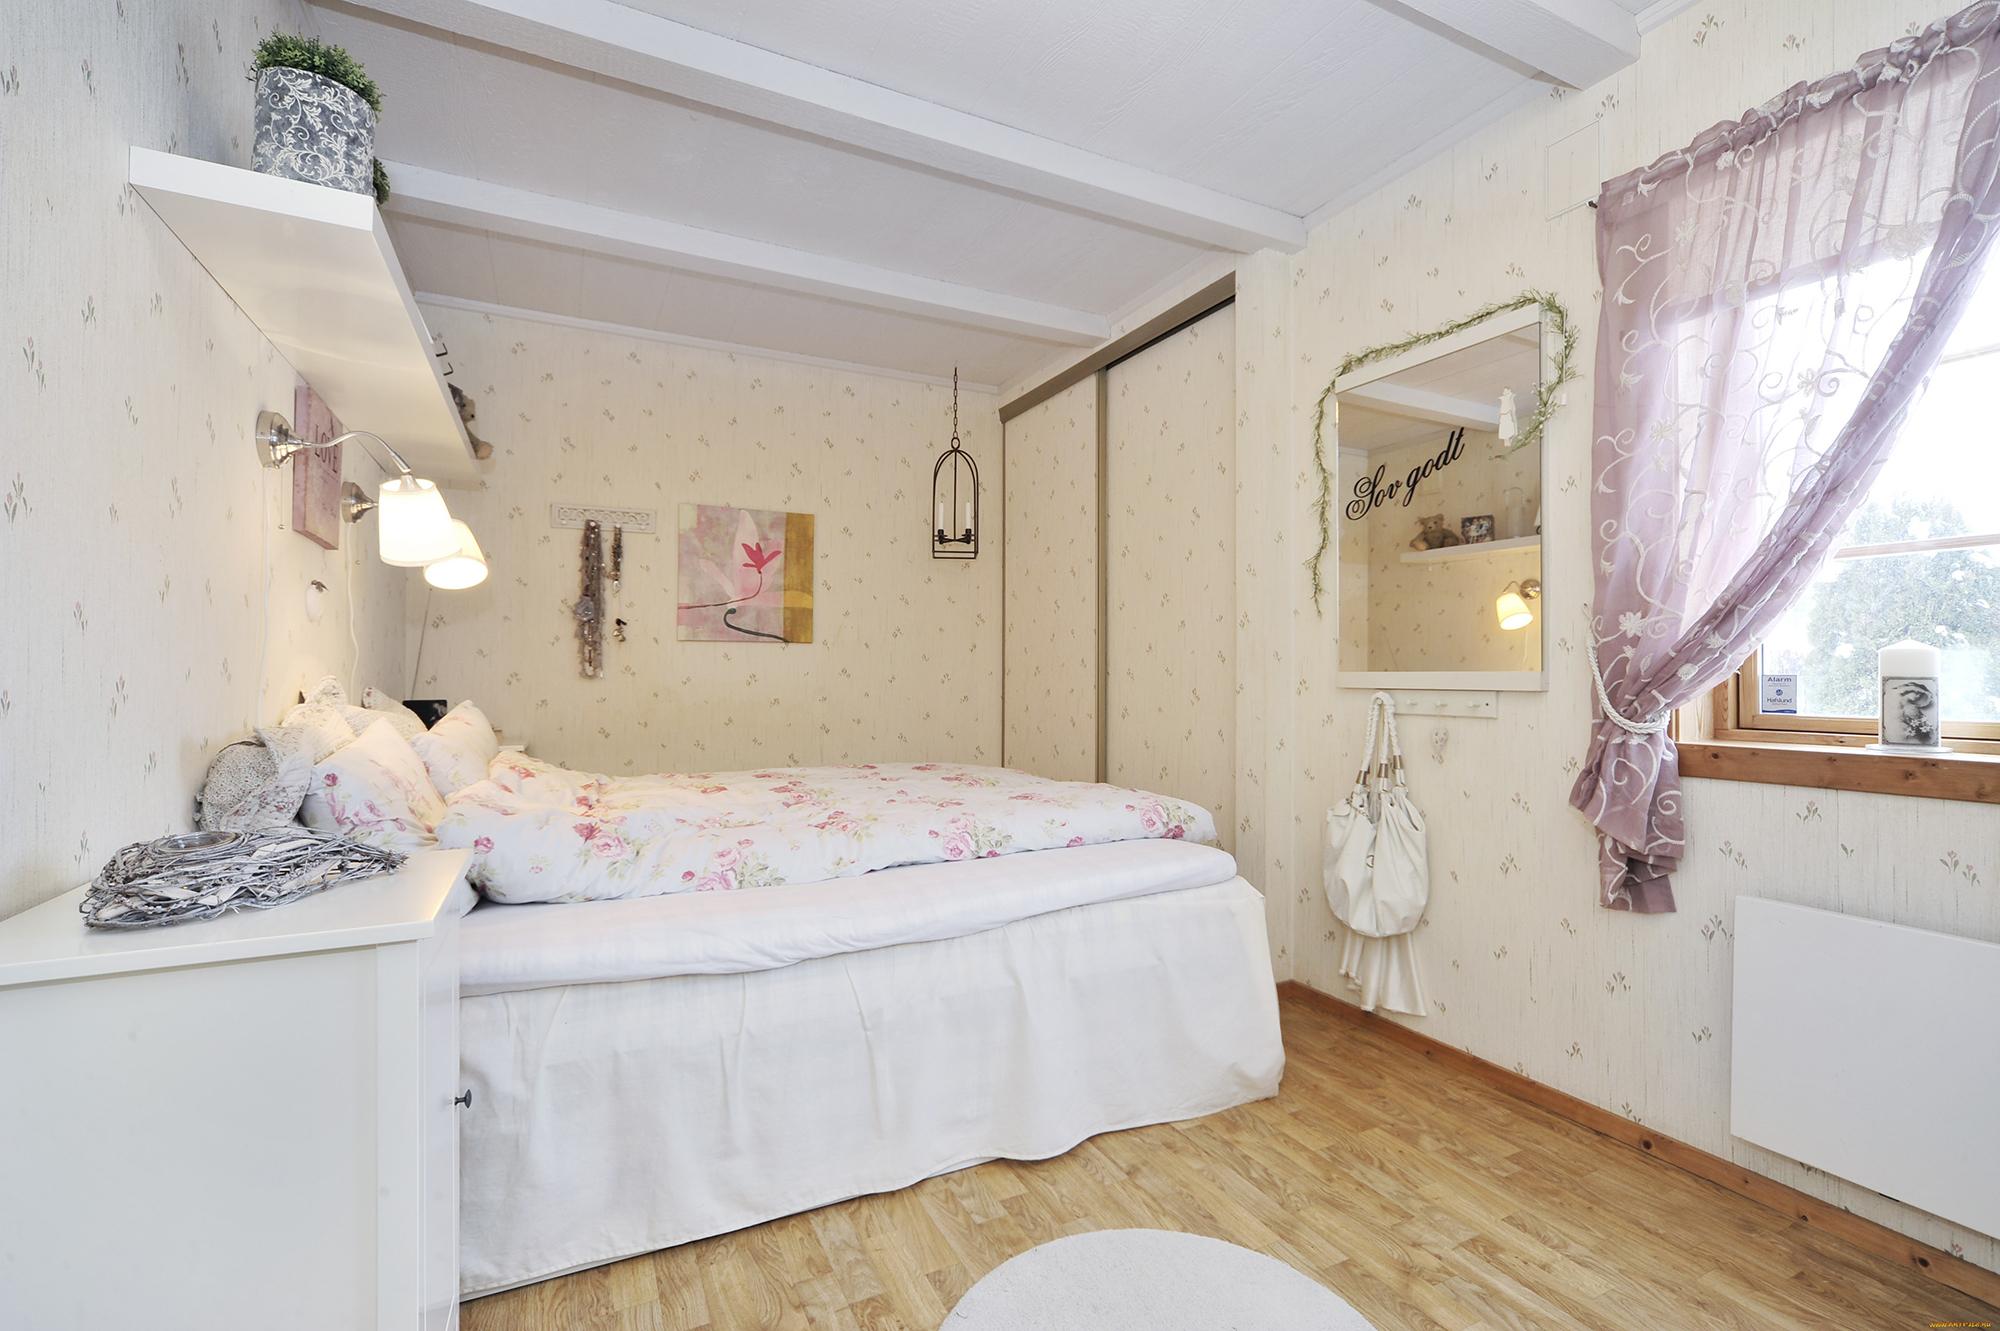 Настенные светильники в романтичной спальне